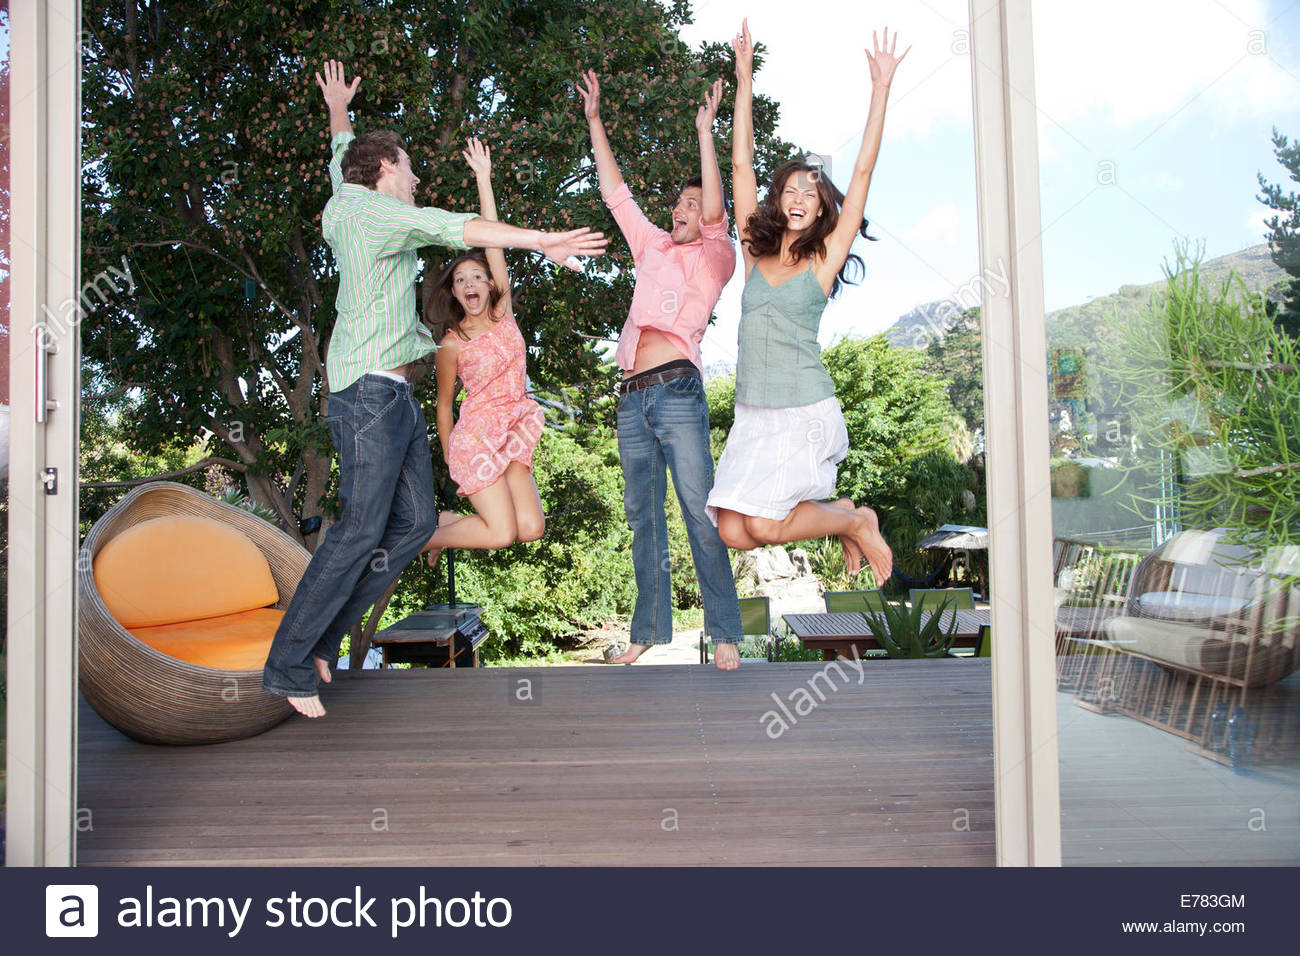 Freunde auf einem Deck herumspringen Stockbild